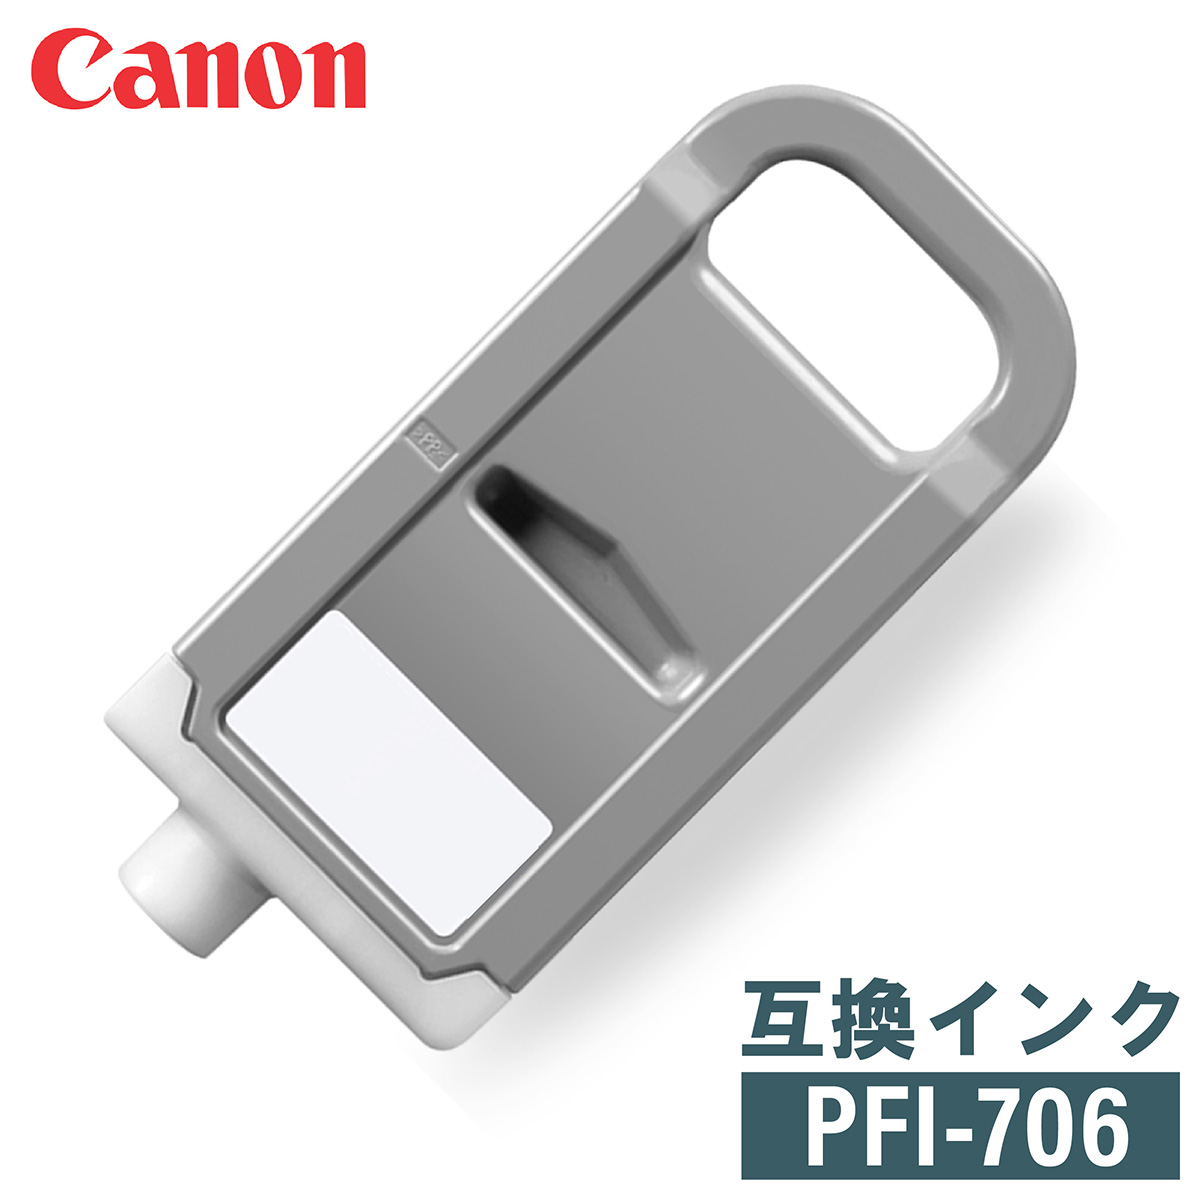 キャノン CANON PFI-706 700ml 互換インク インクタンク インクカートリッジ 低価格